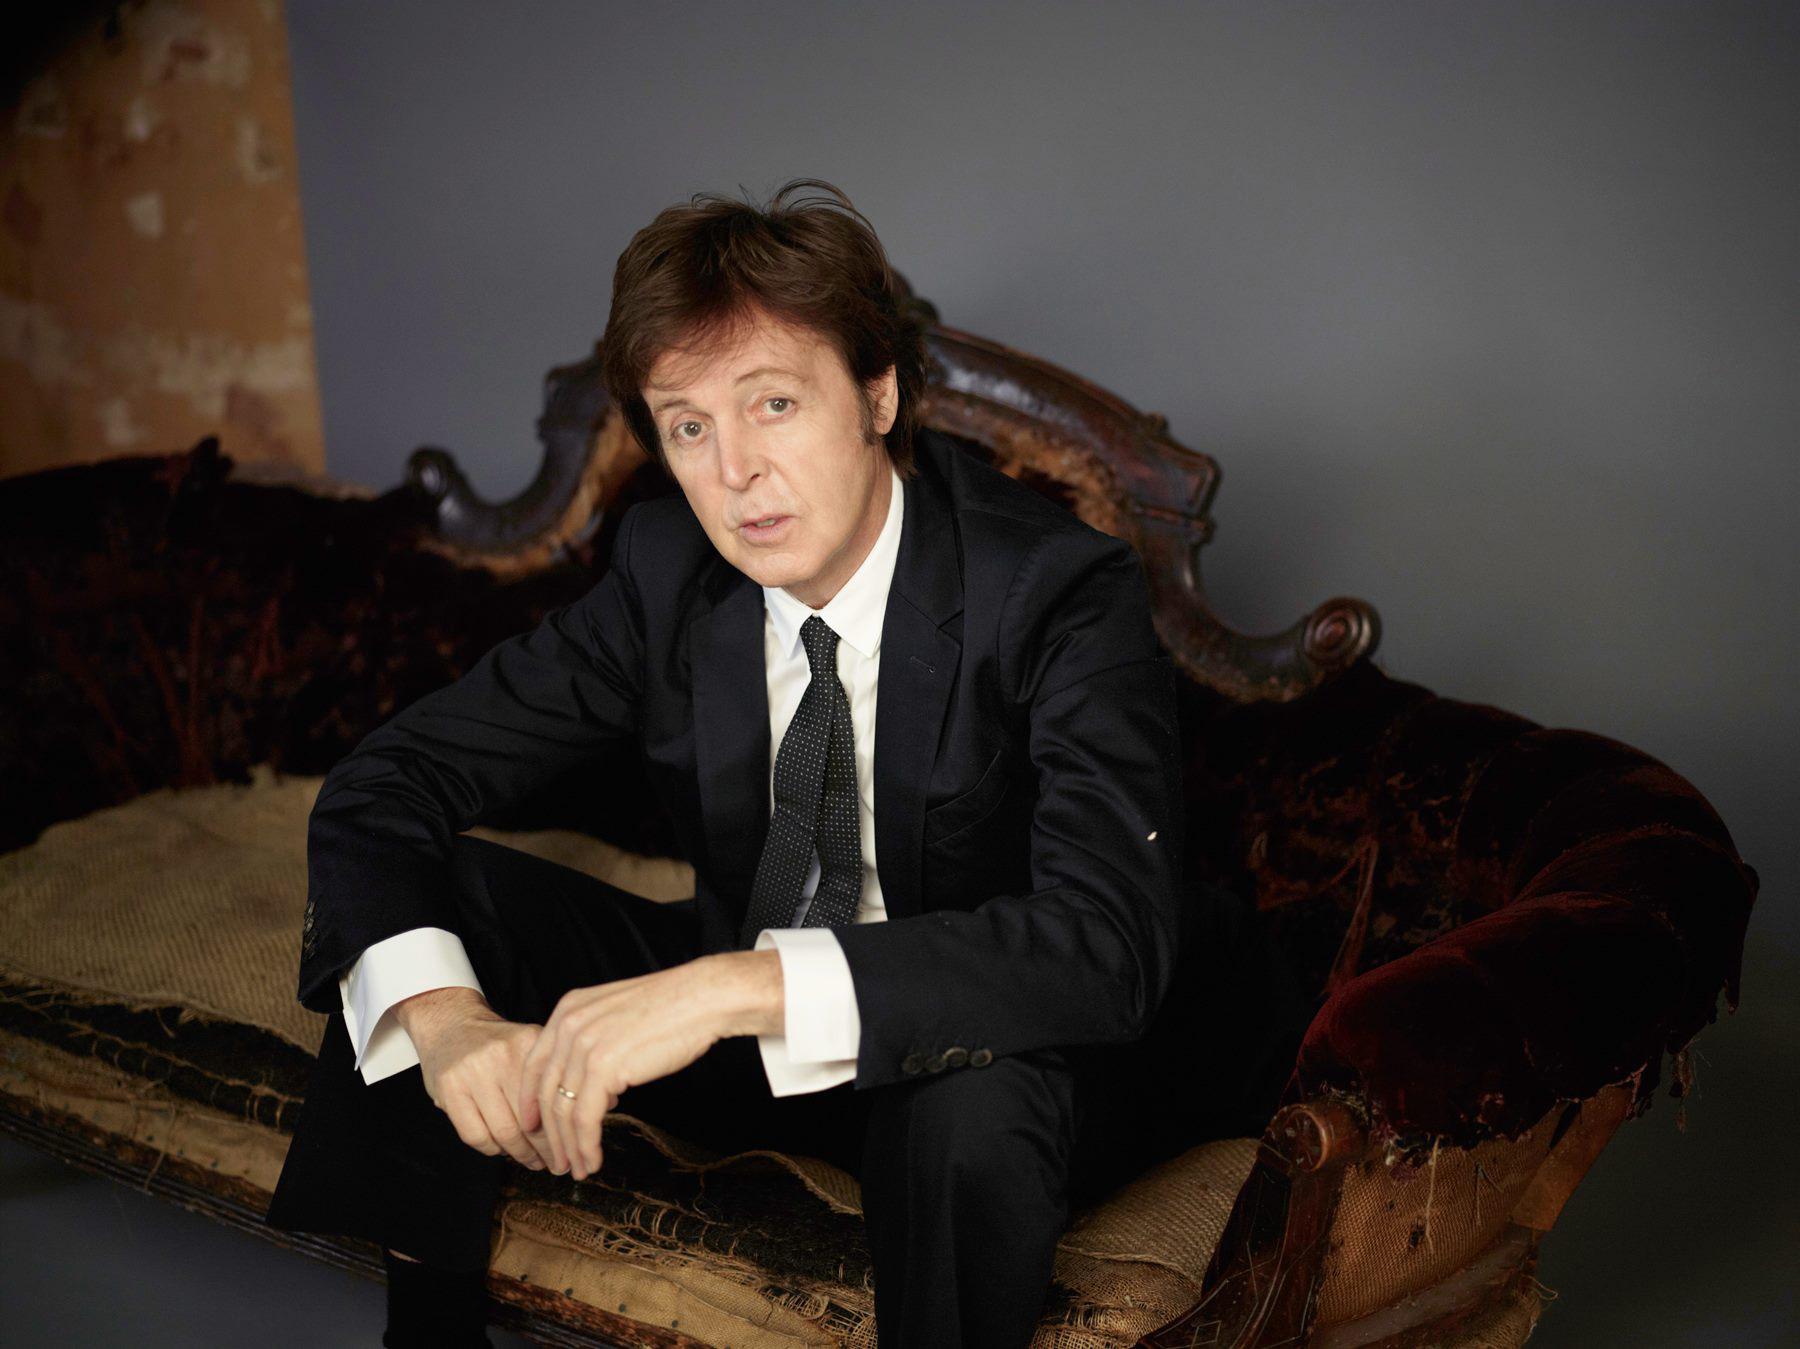 Musica Internazionale, Concerti. Paul McCartney e il ritorno a Glastonbury, è questa la grande sorpresa dell'edizione 2020 del Festival